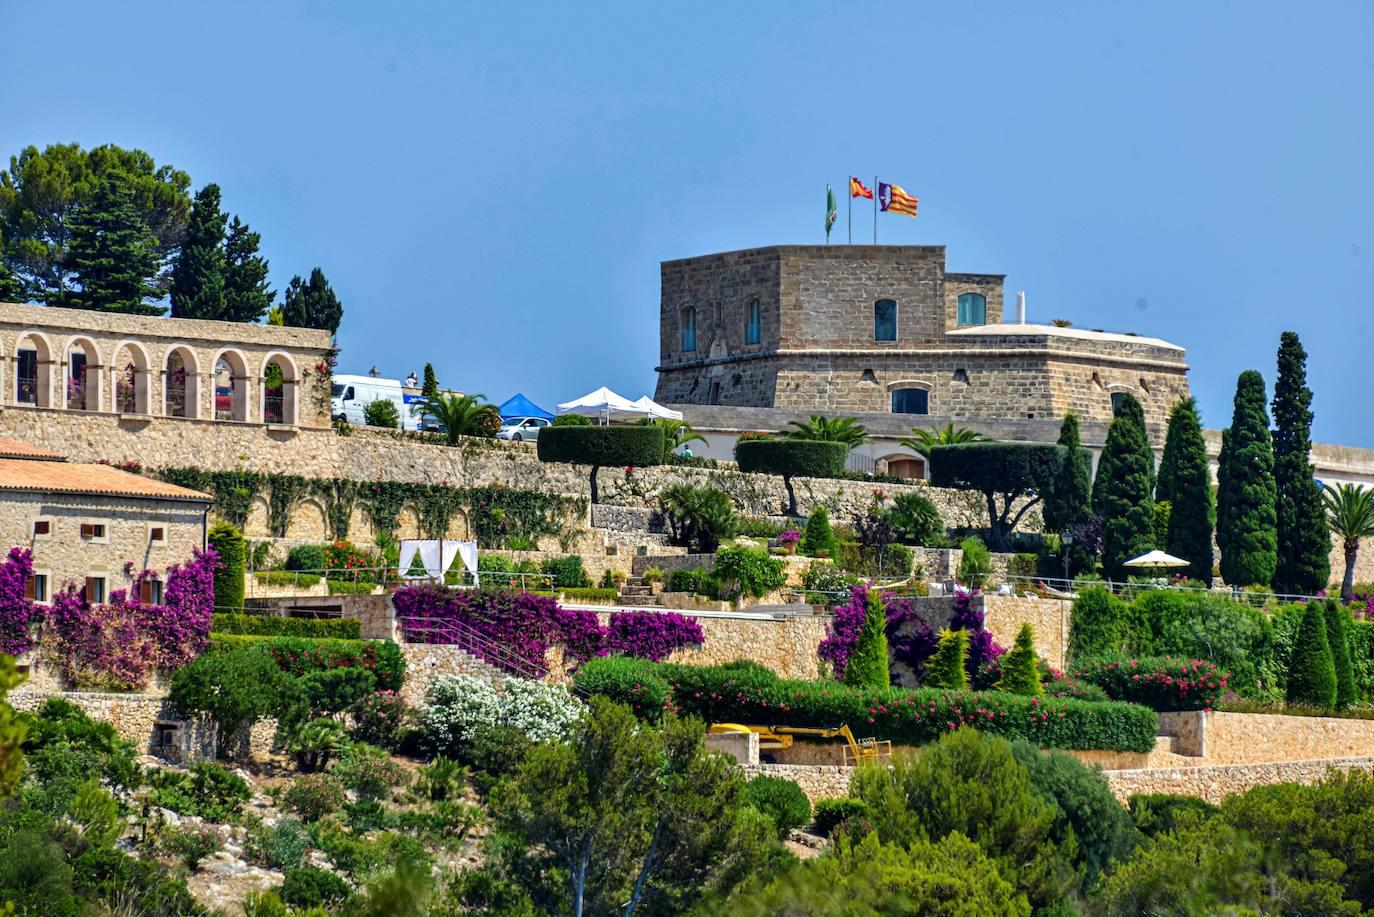 Boda de Rafa Nadal y Mery Perelló: Eligen Sa Fortalesa, un castillo del S.XVII